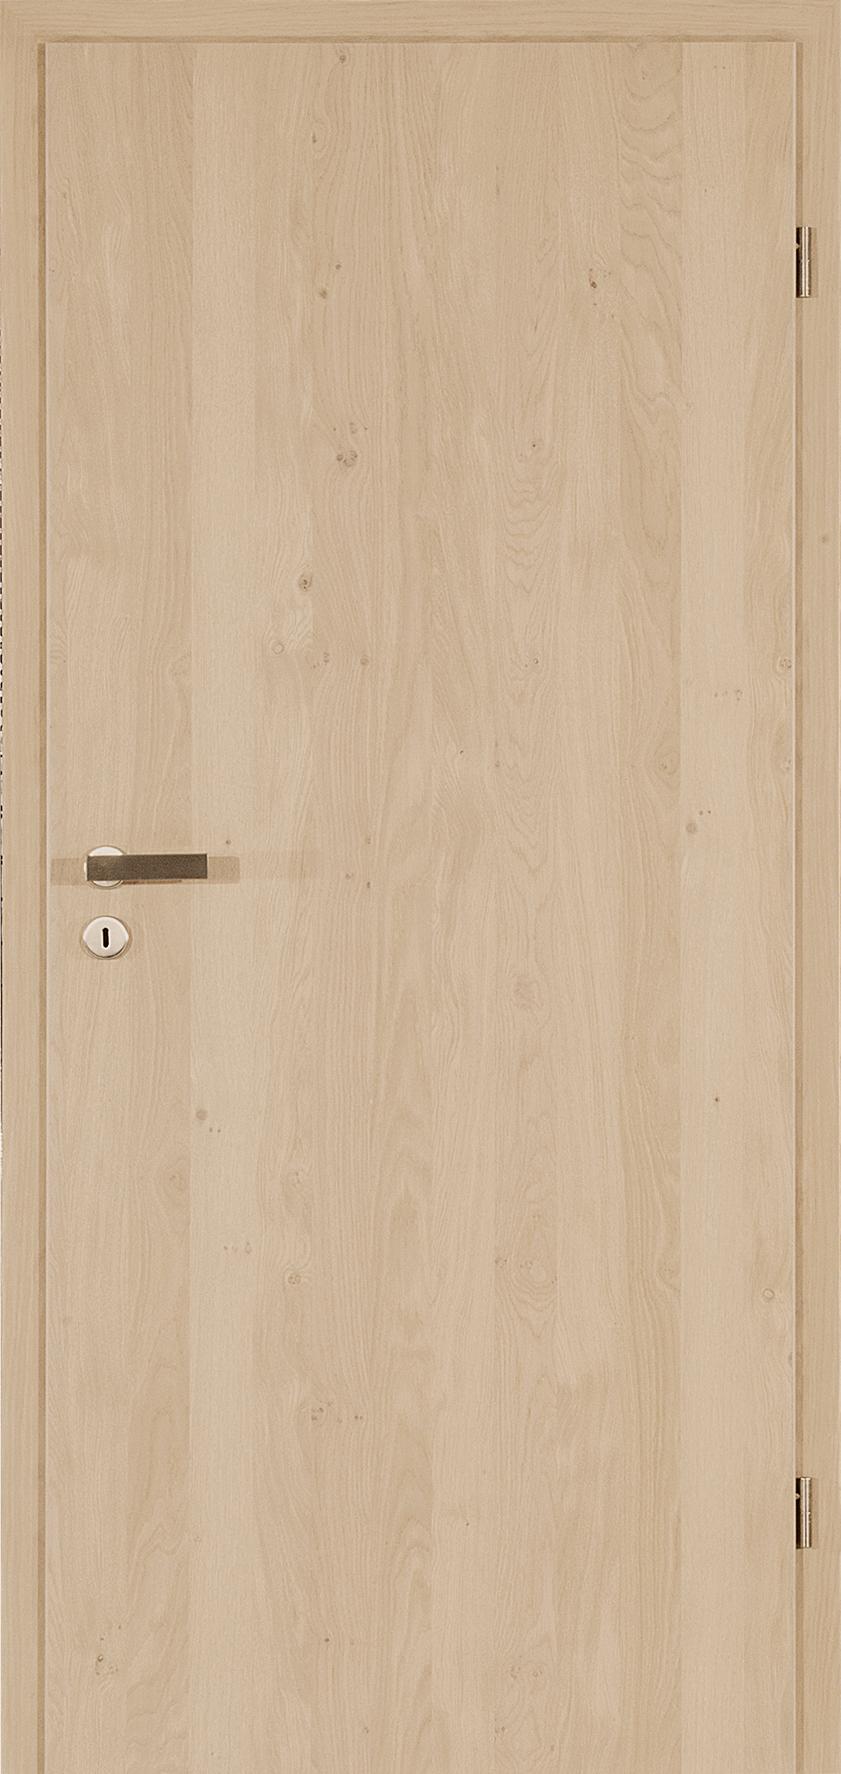 Innentüren eiche  Holz Innentüren von Herholz | herholz.de